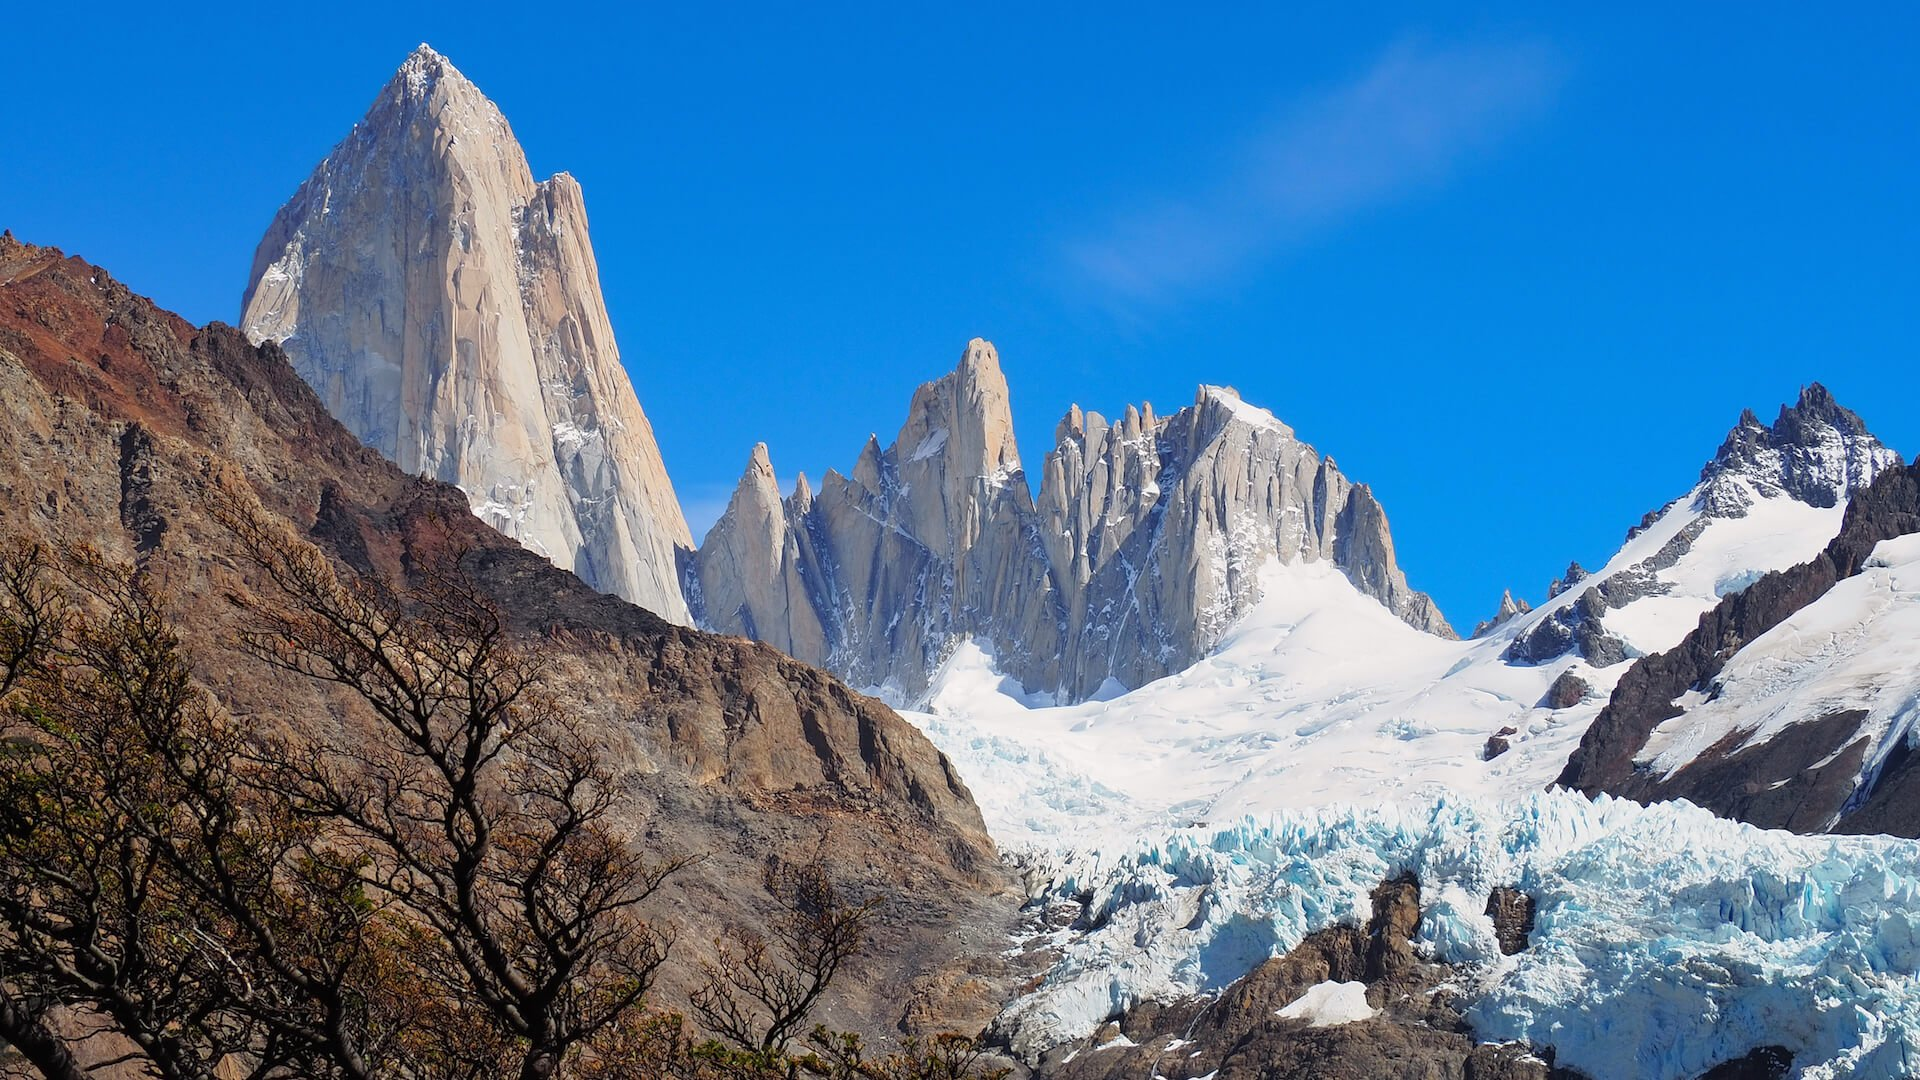 A closer view of the Piedras Blancas Glacier